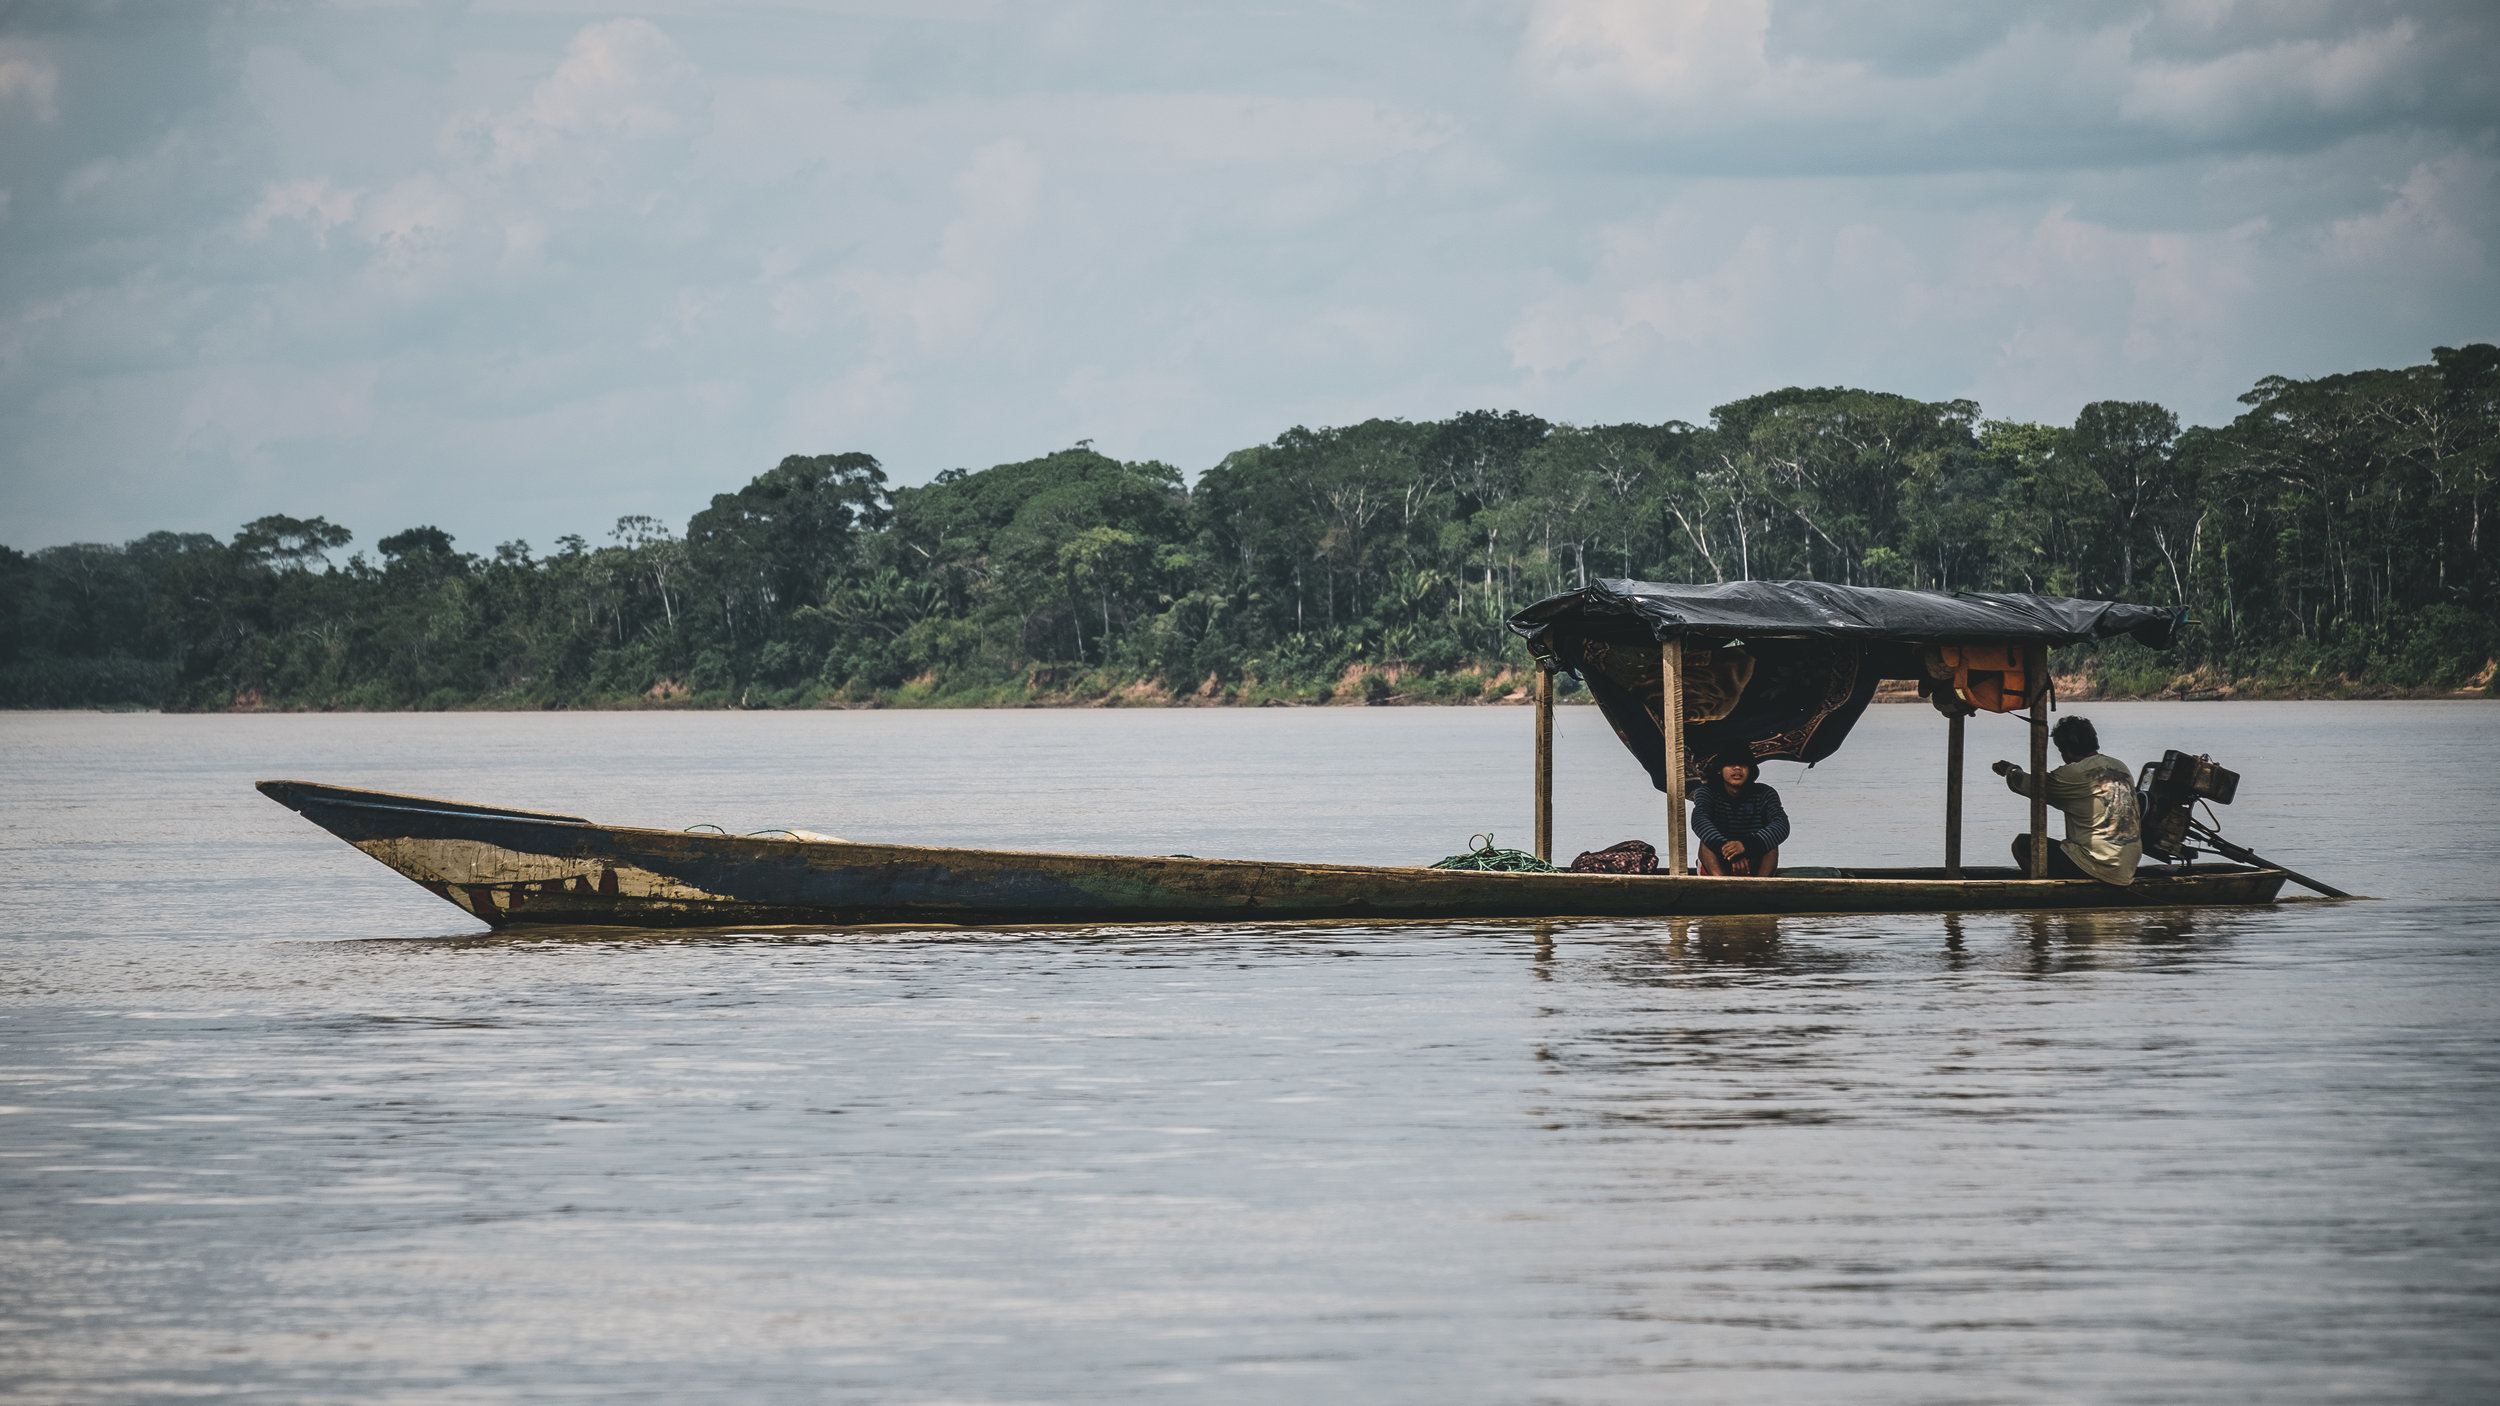 Madre de Dios river | Puerto Maldonado